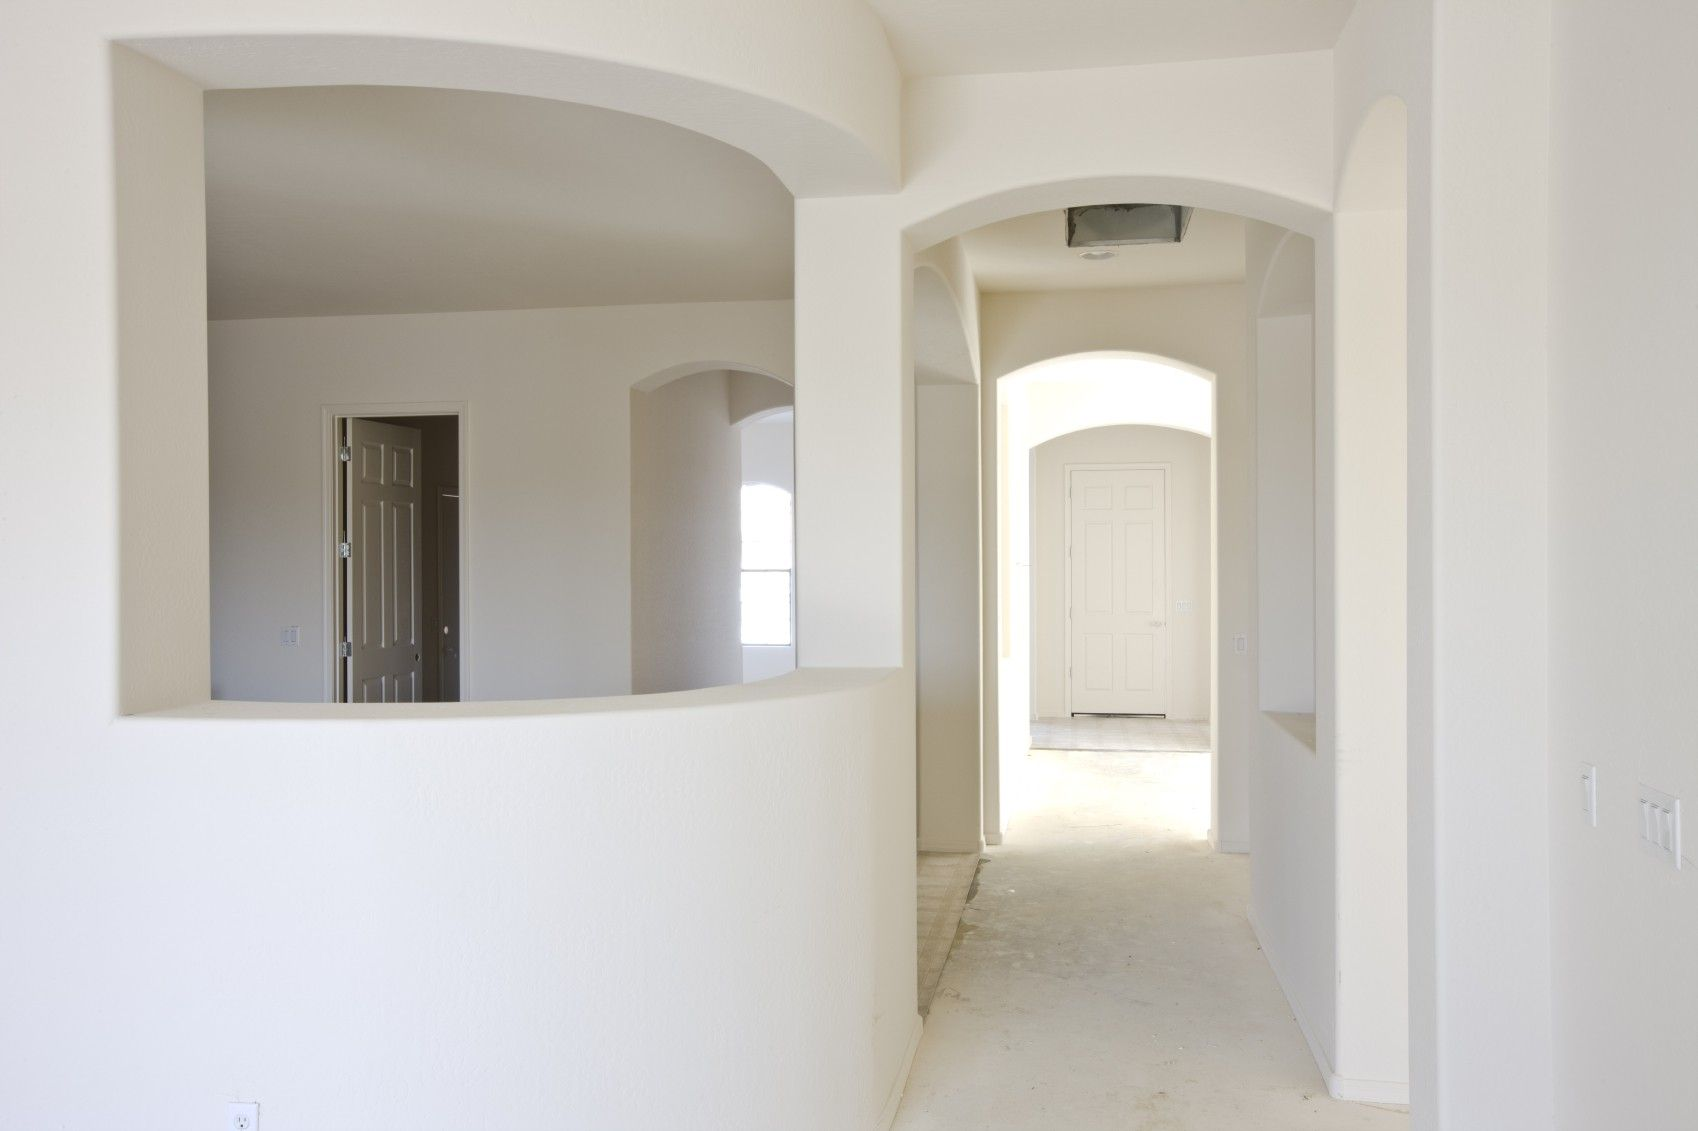 Divisórias Drywall Onde Comprar no Jardim São Paulo - Divisórias Drywall